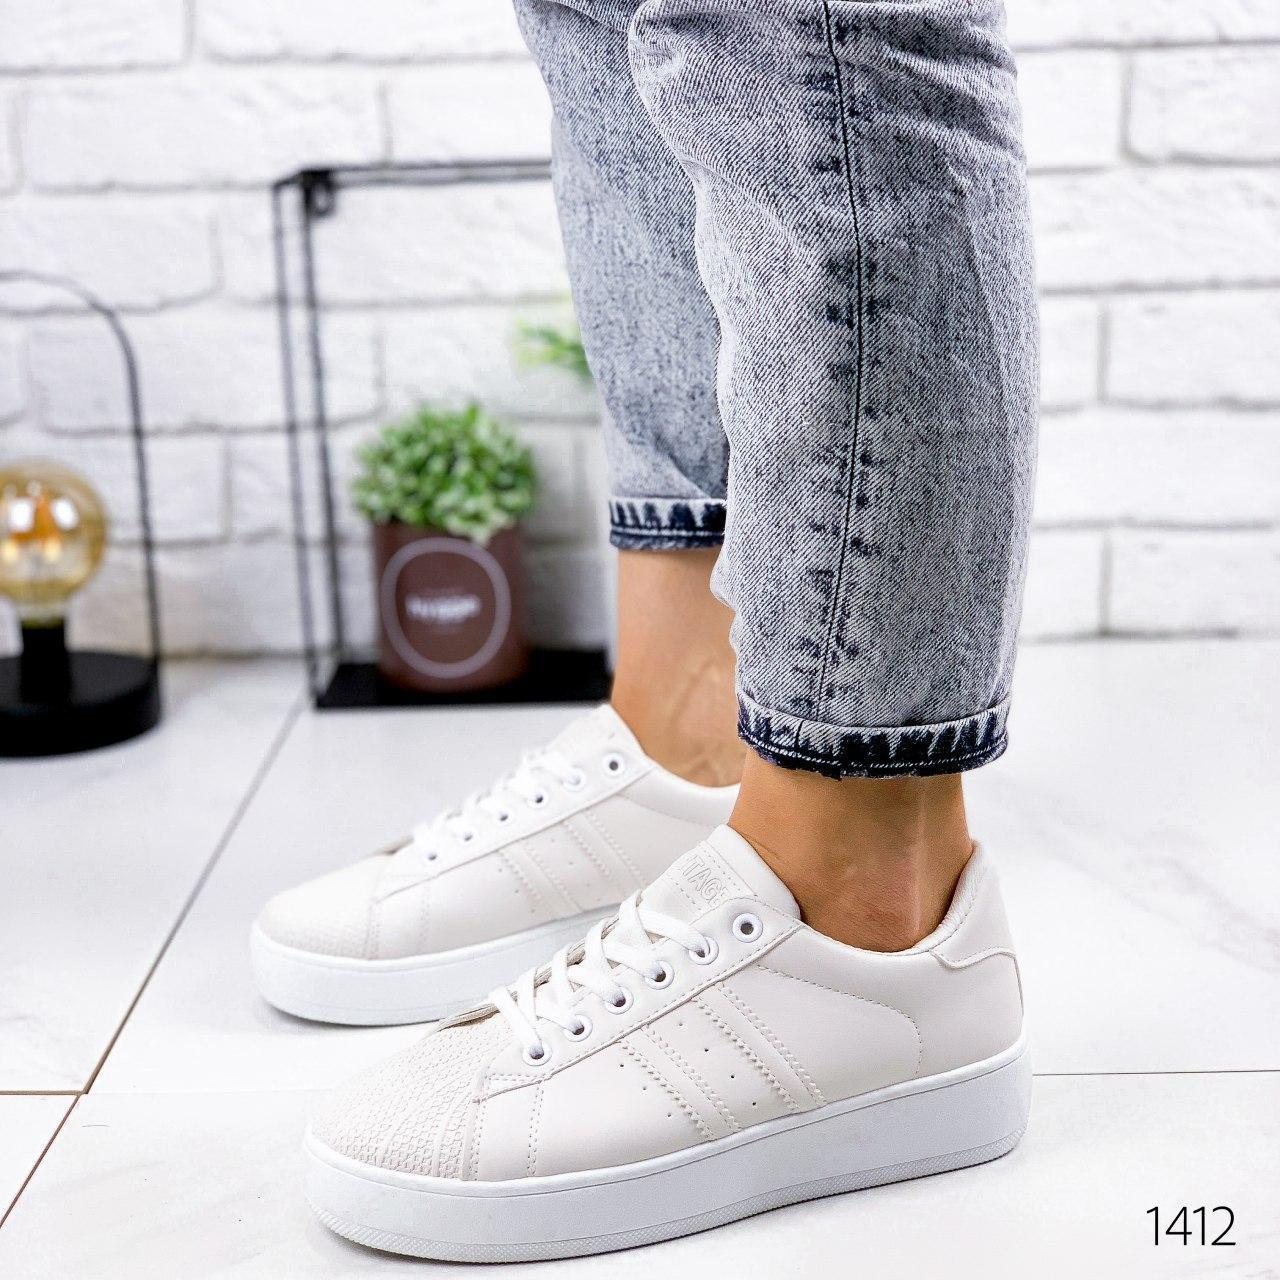 Кросівки жіночі білі. Кросівки жіночі з еко шкіри. Кеди жіночі. Мокасини жіночі. Кріпери